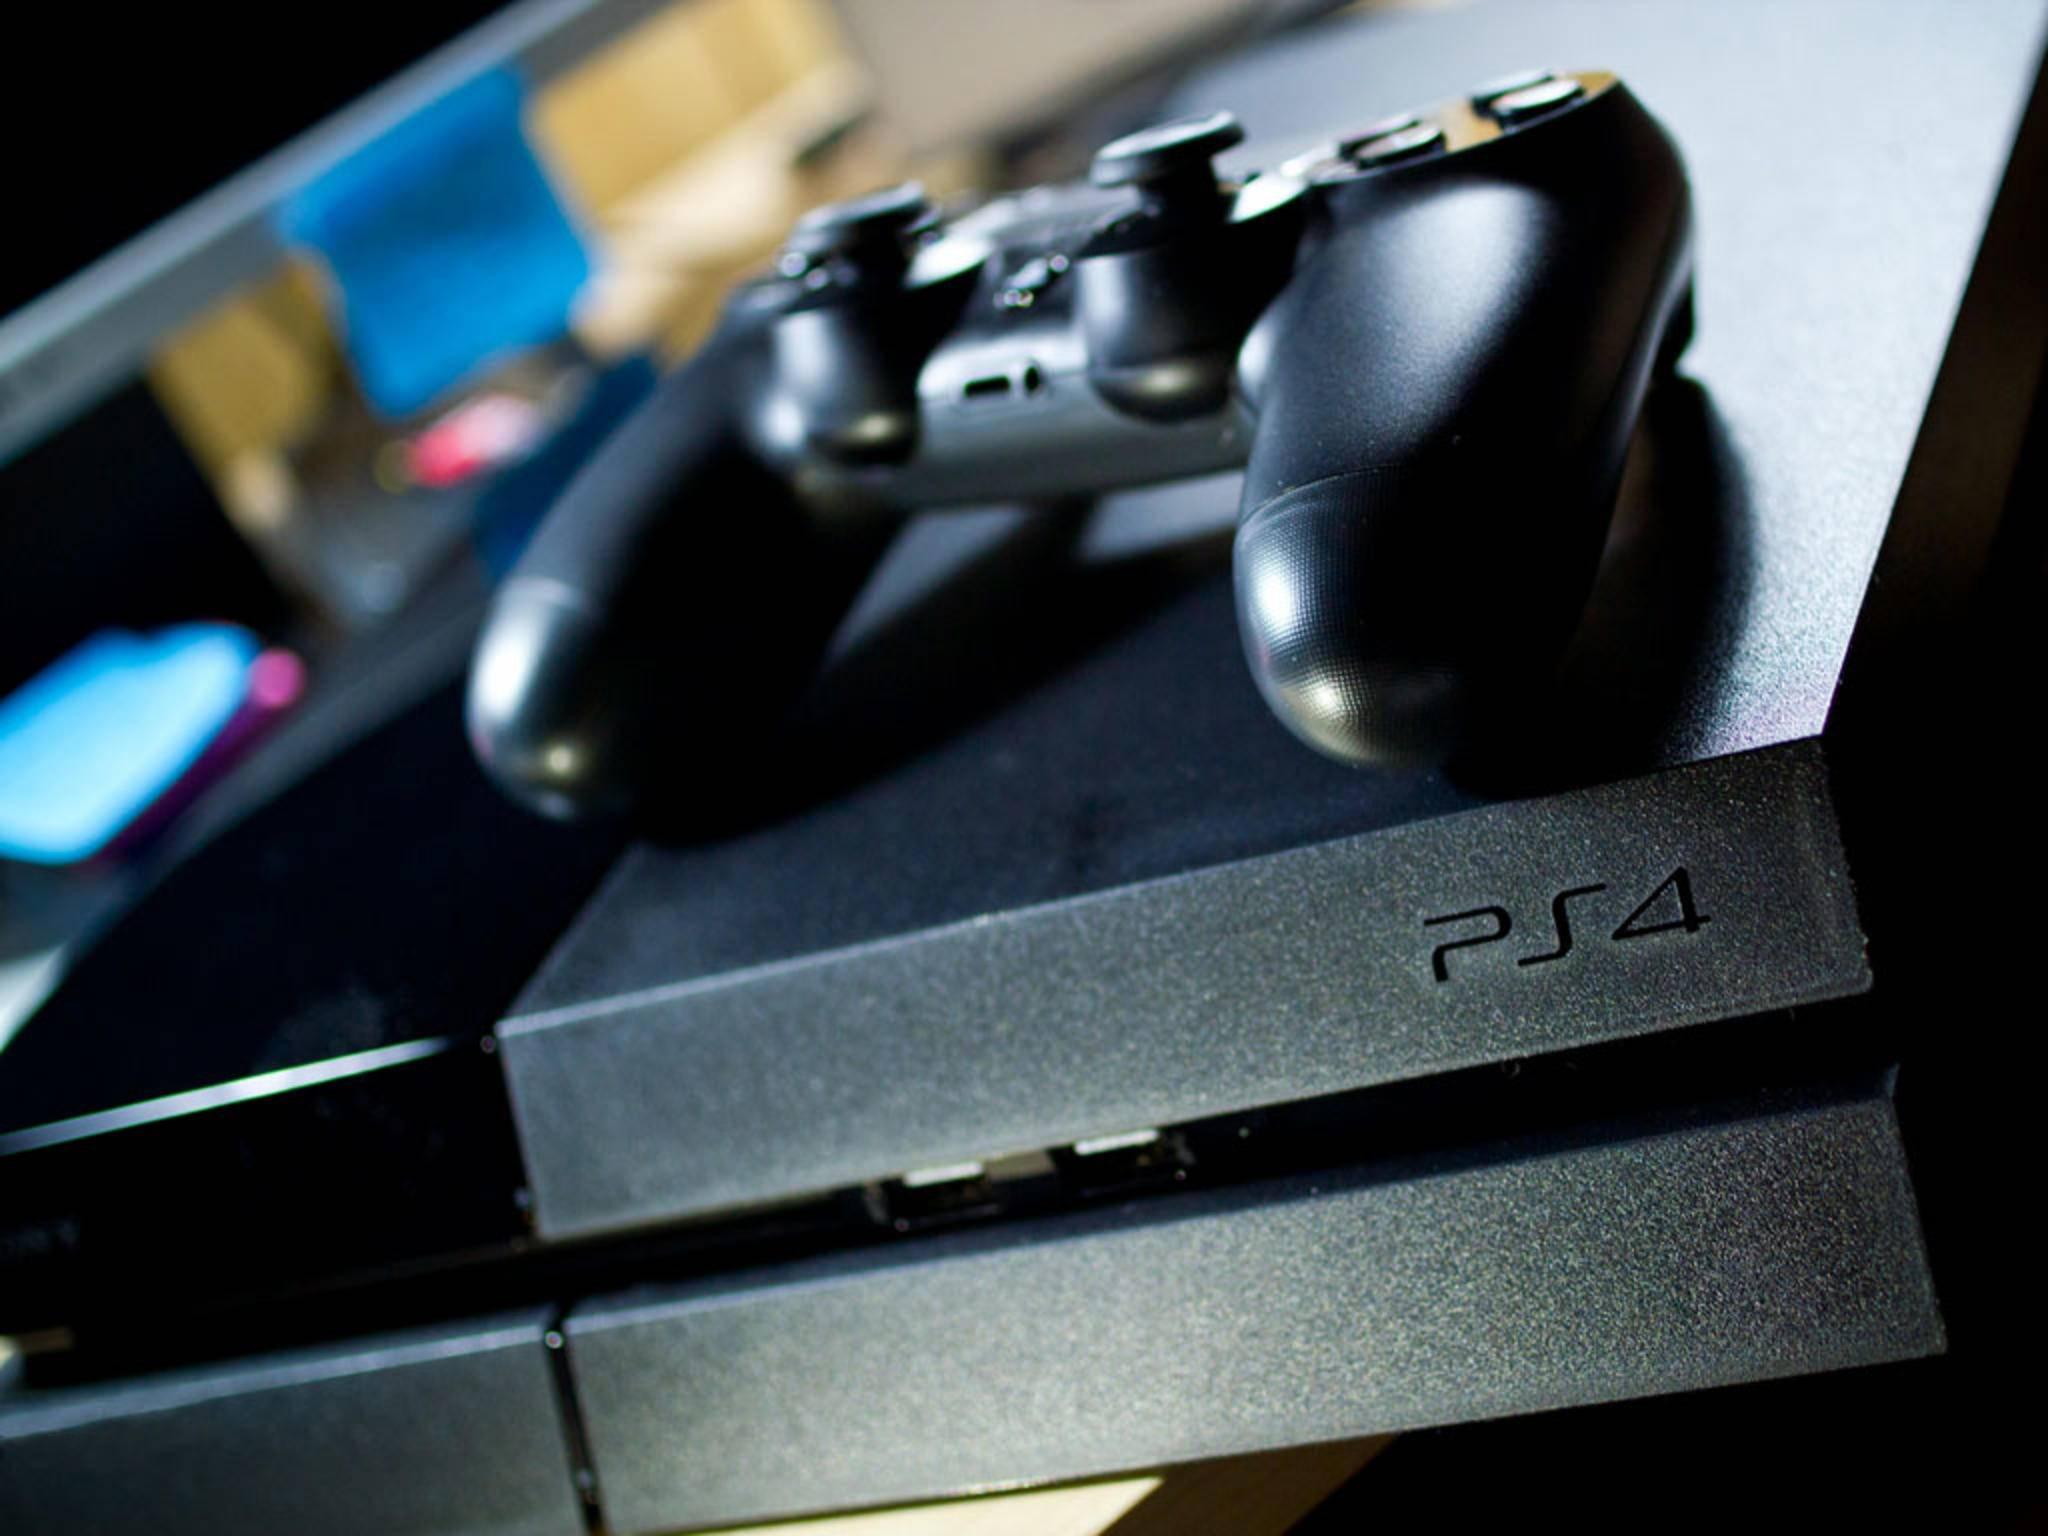 Die Grafikchips der PS4 könnten in Zukunft von Microsoft kommen.